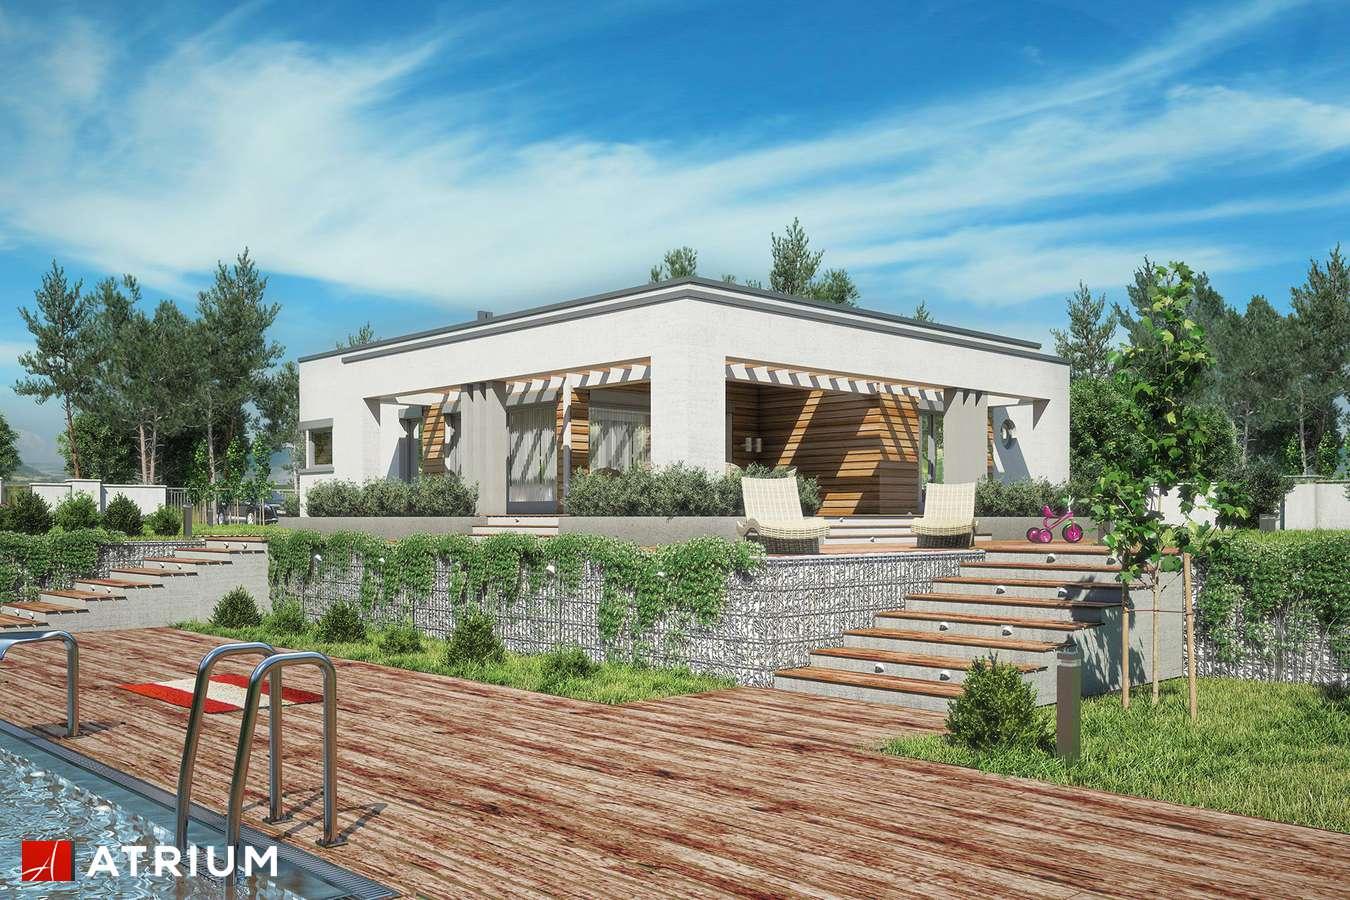 Projekty domów - Projekt domu parterowego SARDYNIA III - wizualizacja 2 - wersja lustrzana